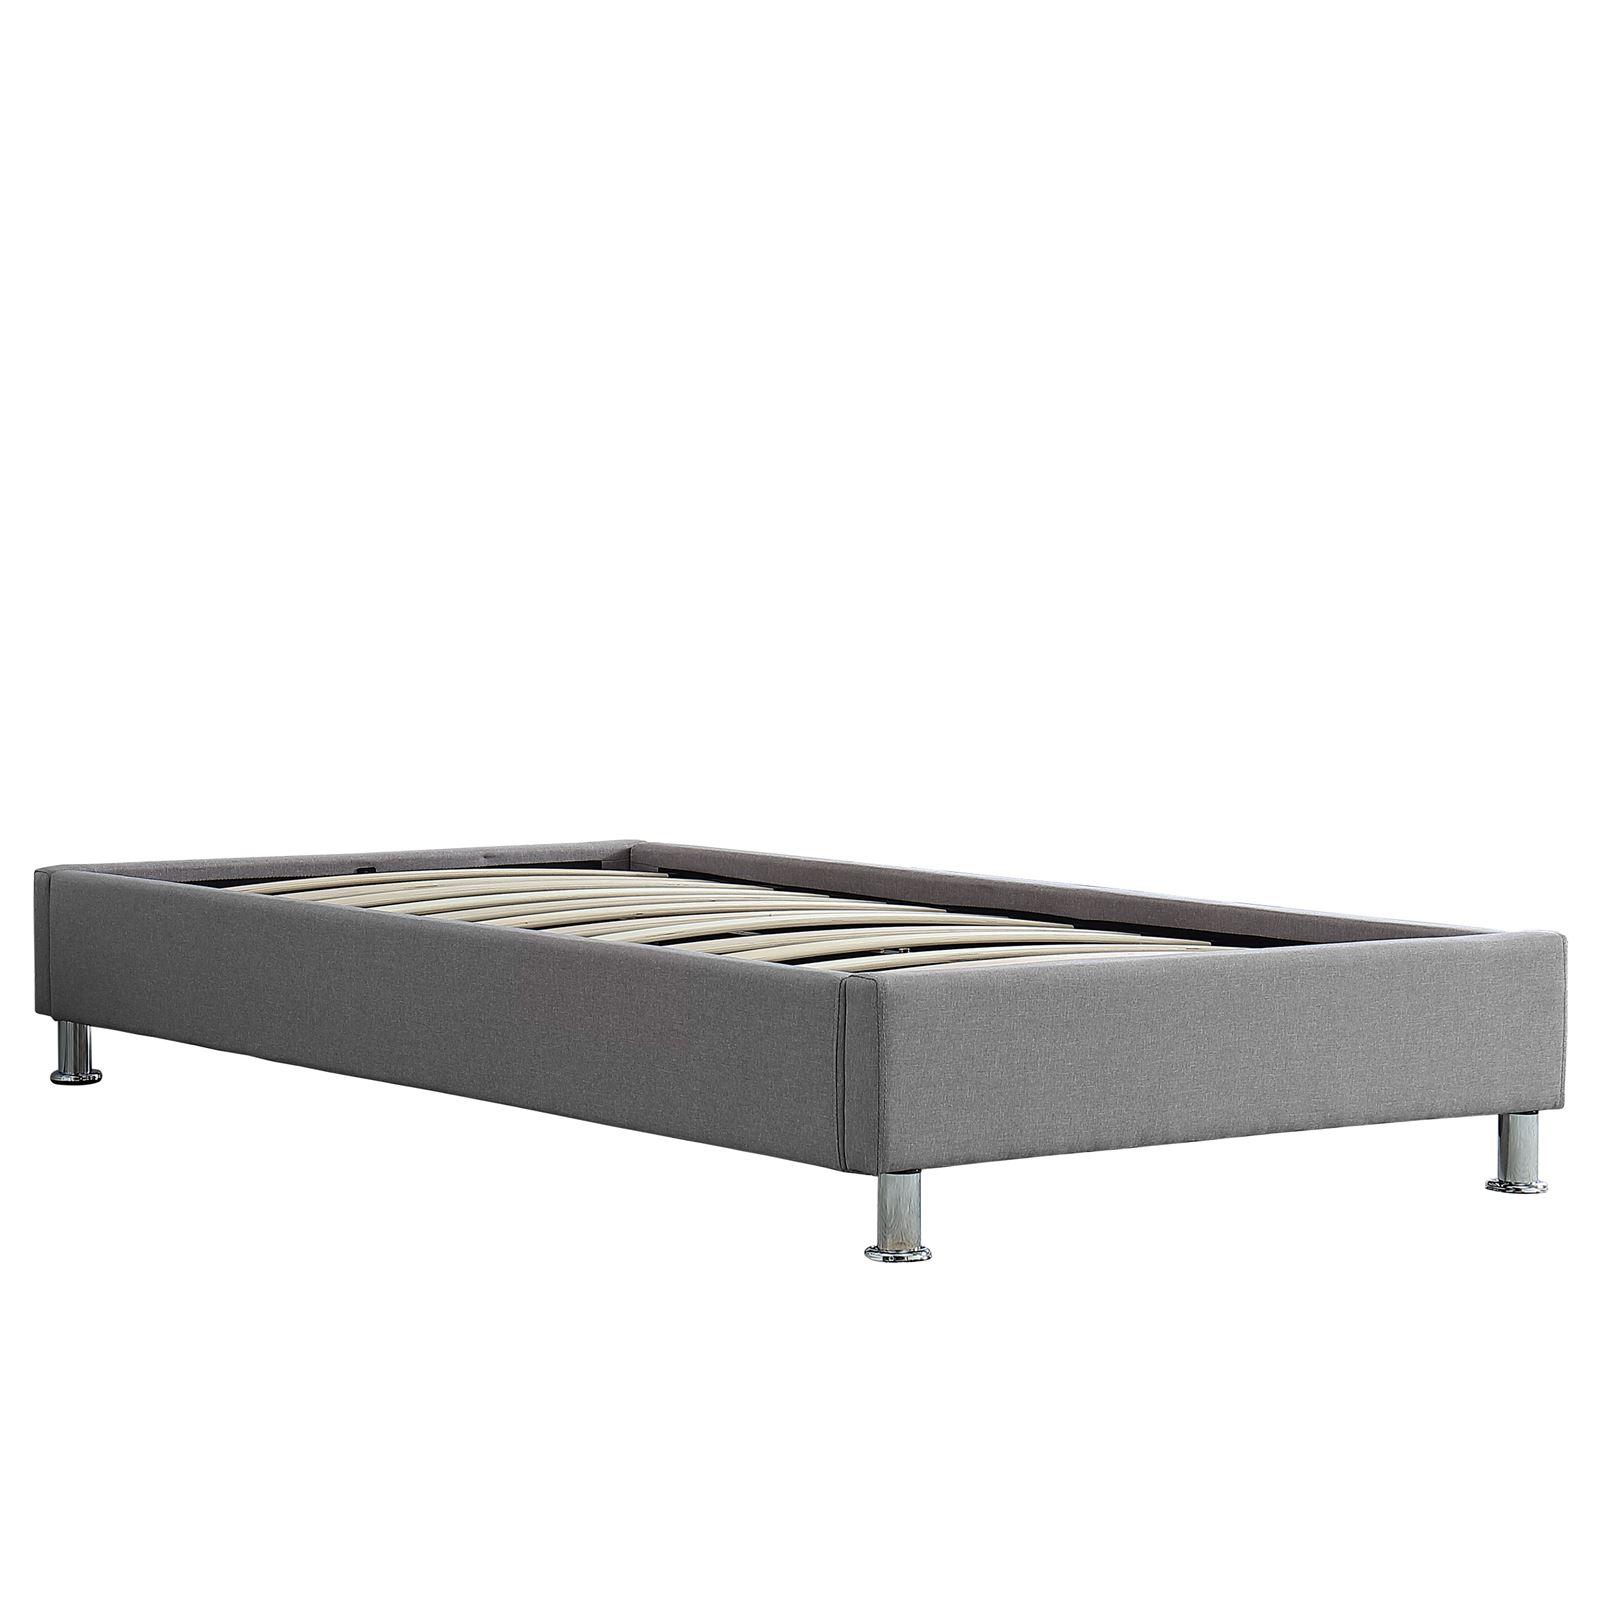 Full Size of Betten 90x200 überlänge 180x200 Treca Amazon Kaufen Billige Balinesische Bett Weiß Mit Schubladen Ebay Bett Betten 90x200